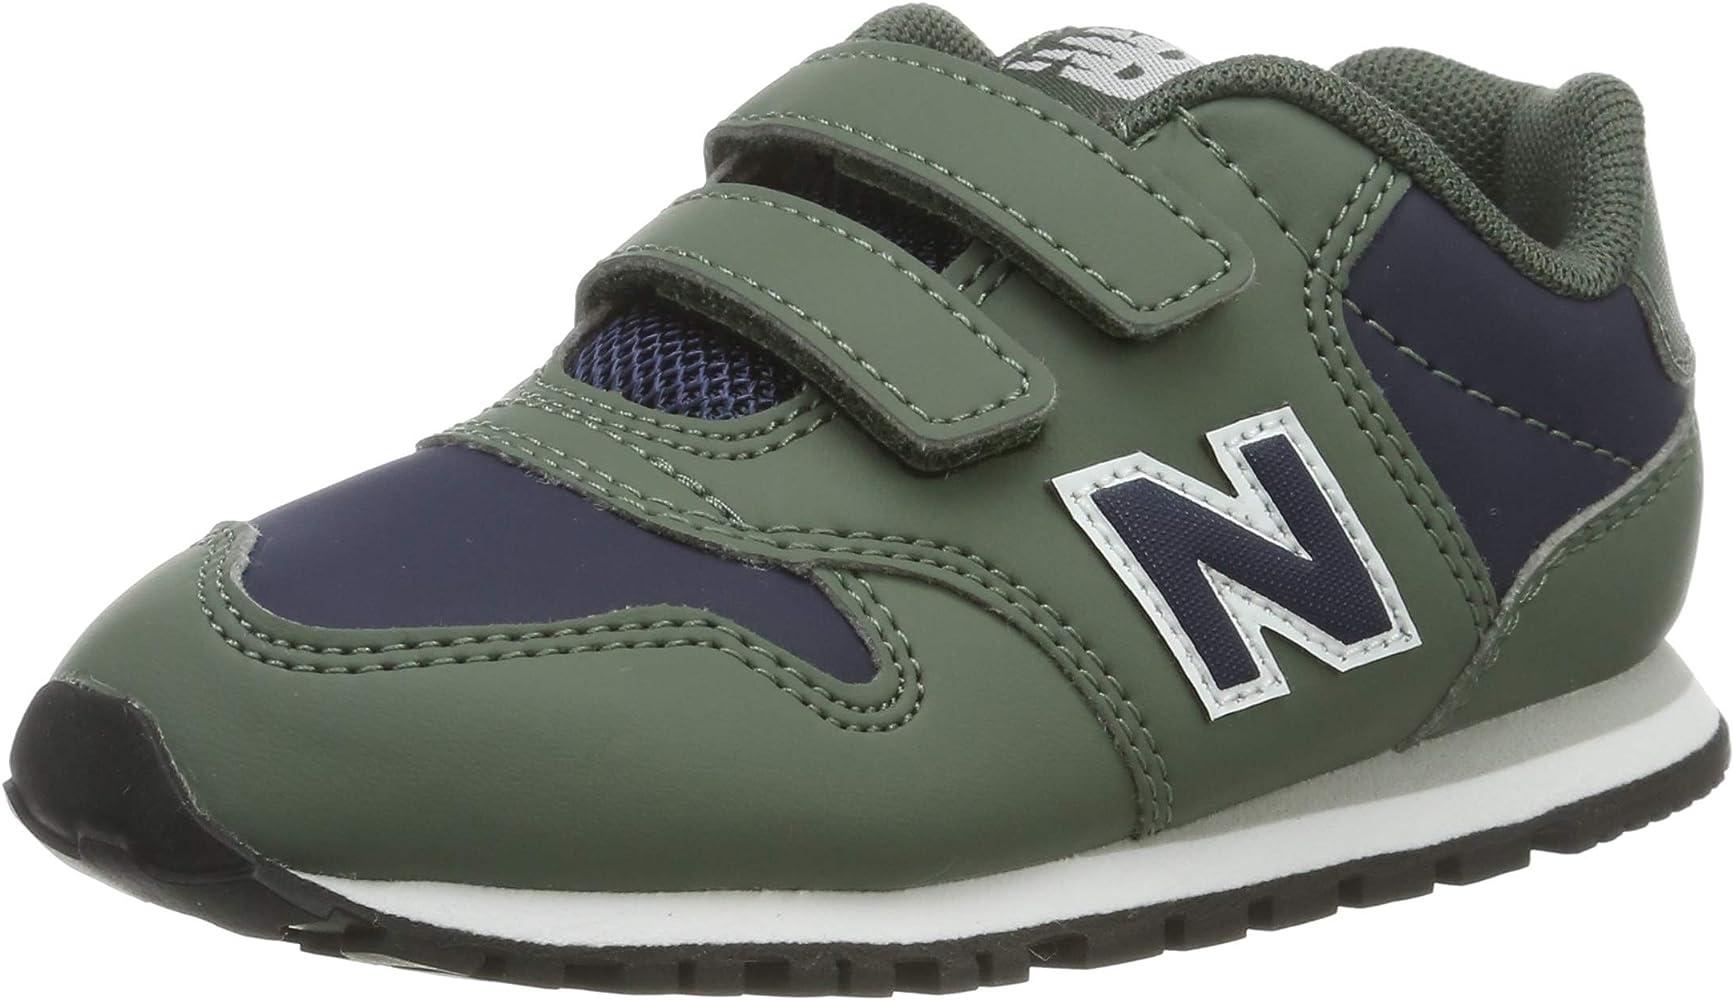 Amazon.com: New Balance IV500 - Zapatillas para niños, color verde ...